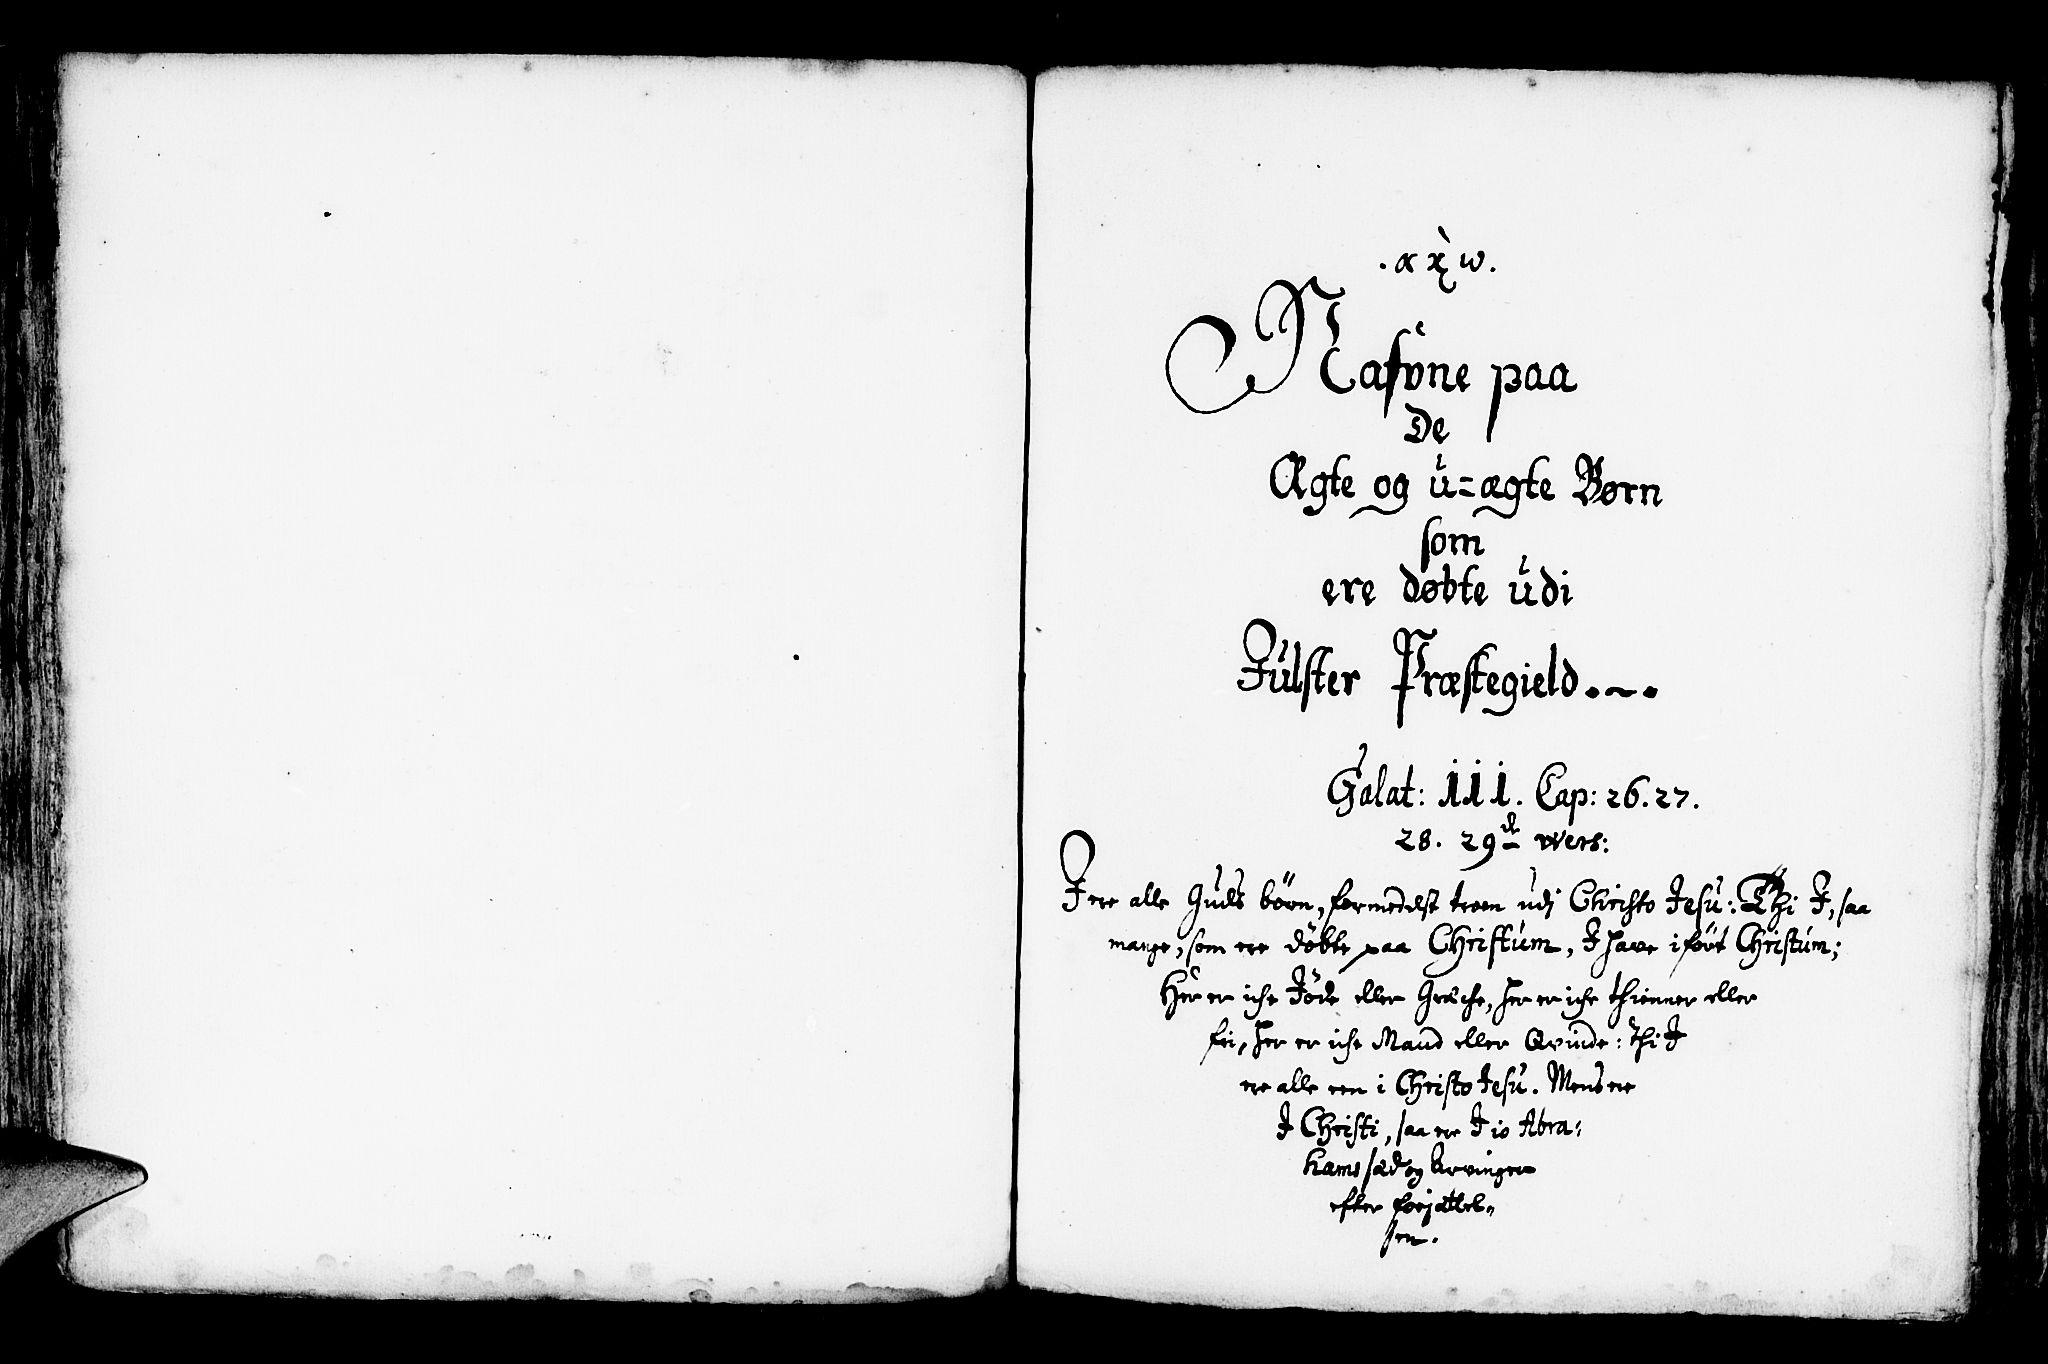 SAB, Jølster Sokneprestembete, Ministerialbok nr. A 1, 1696-1728